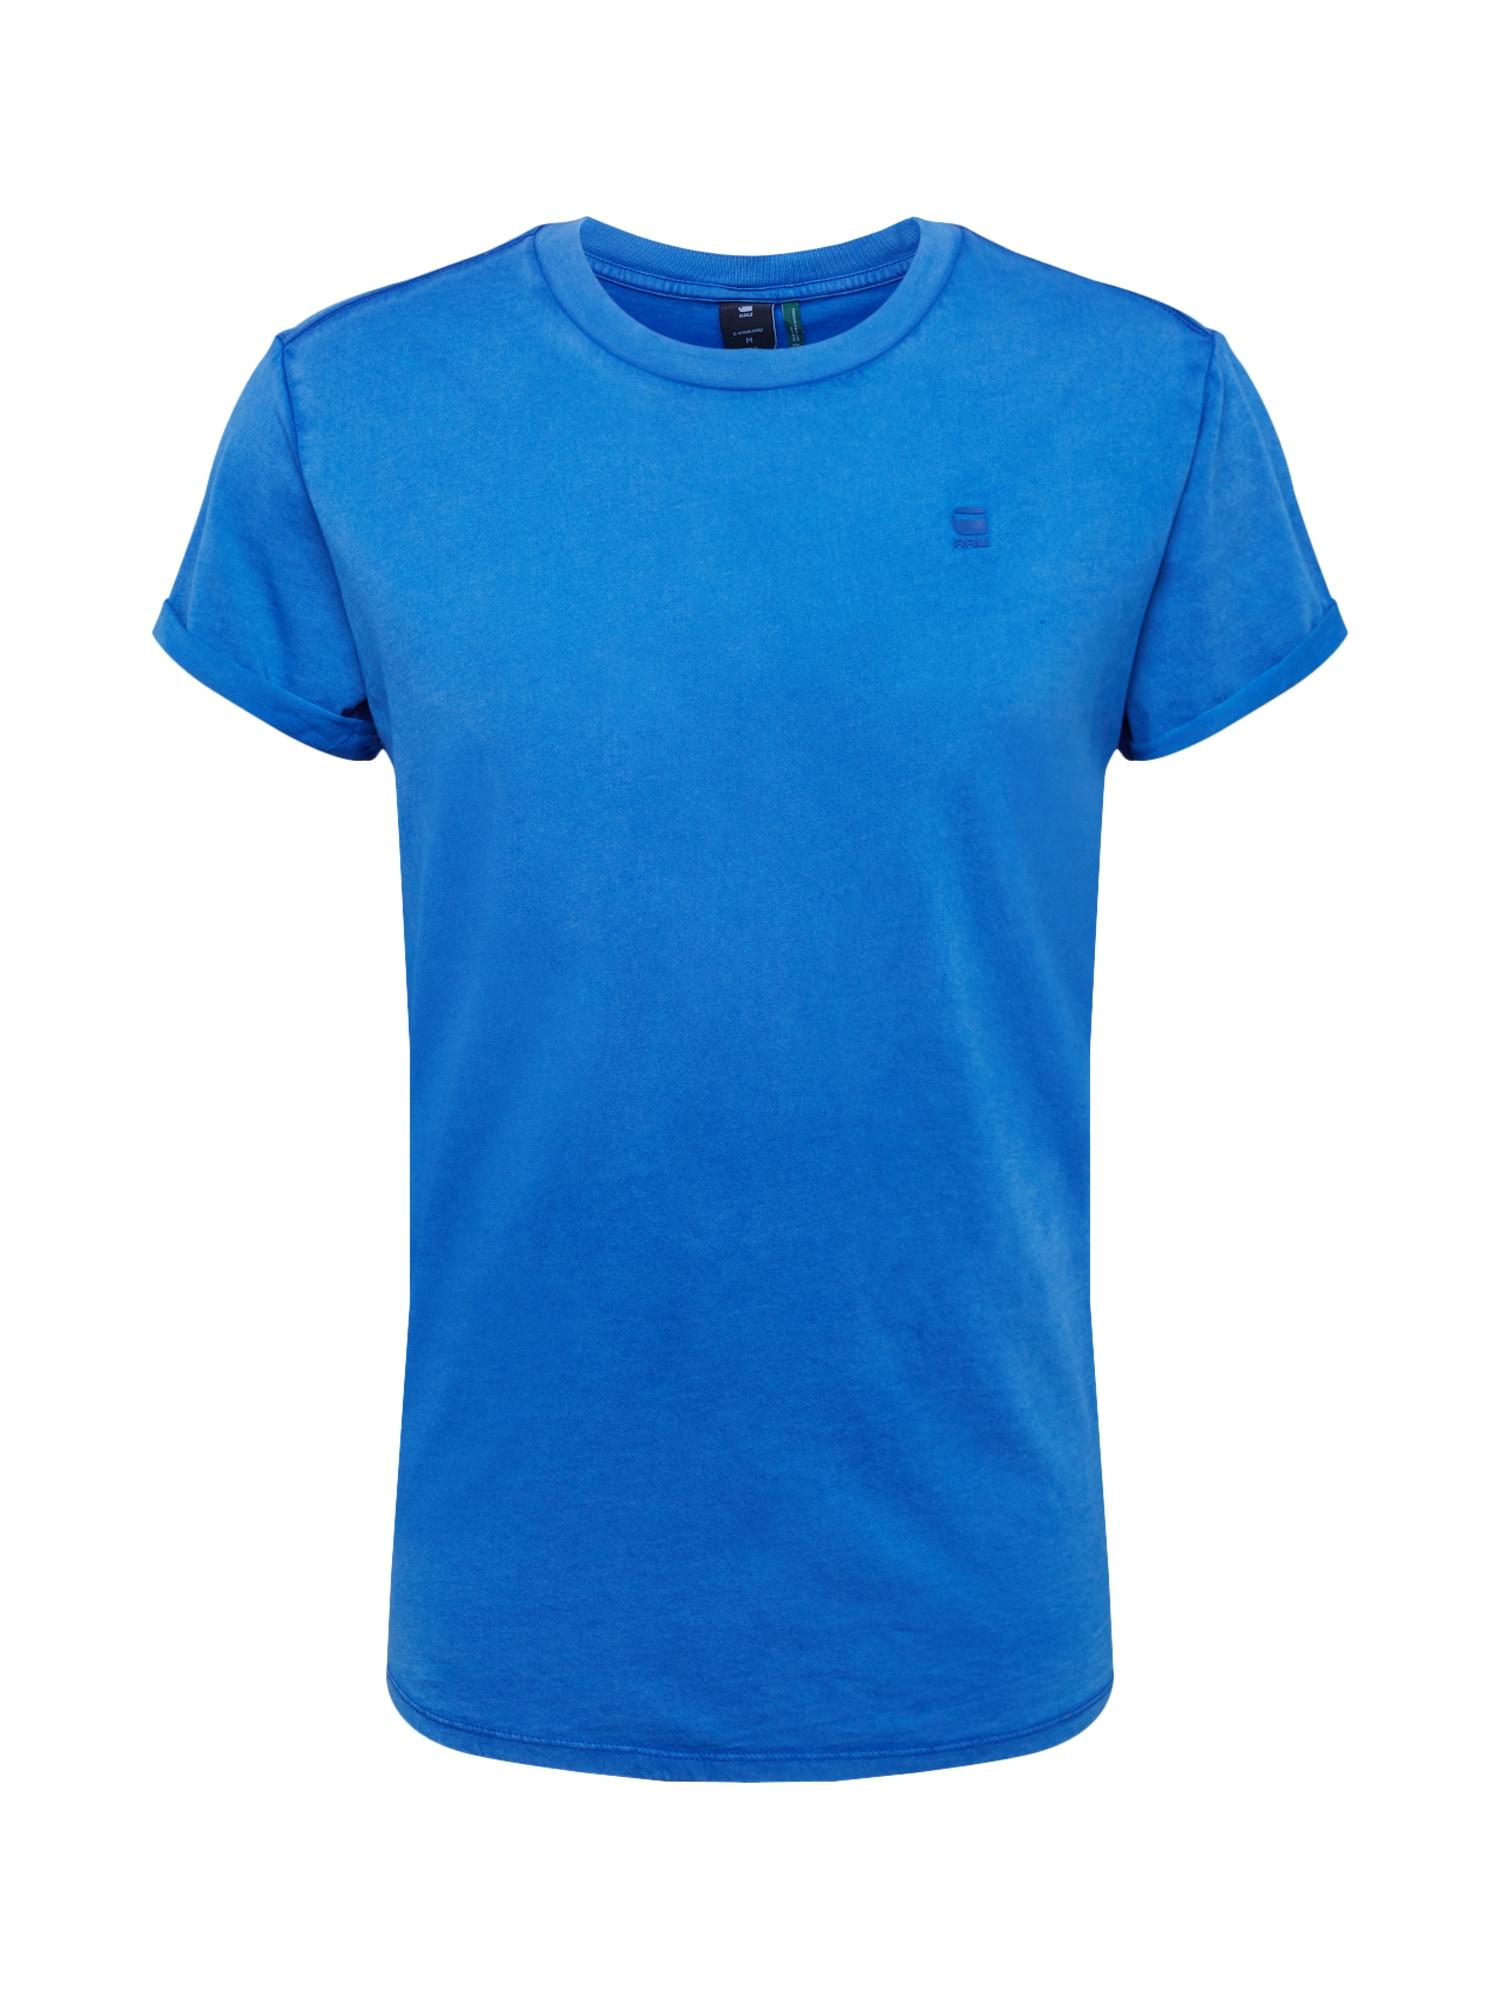 Tričko Shelo modrá G-STAR RAW